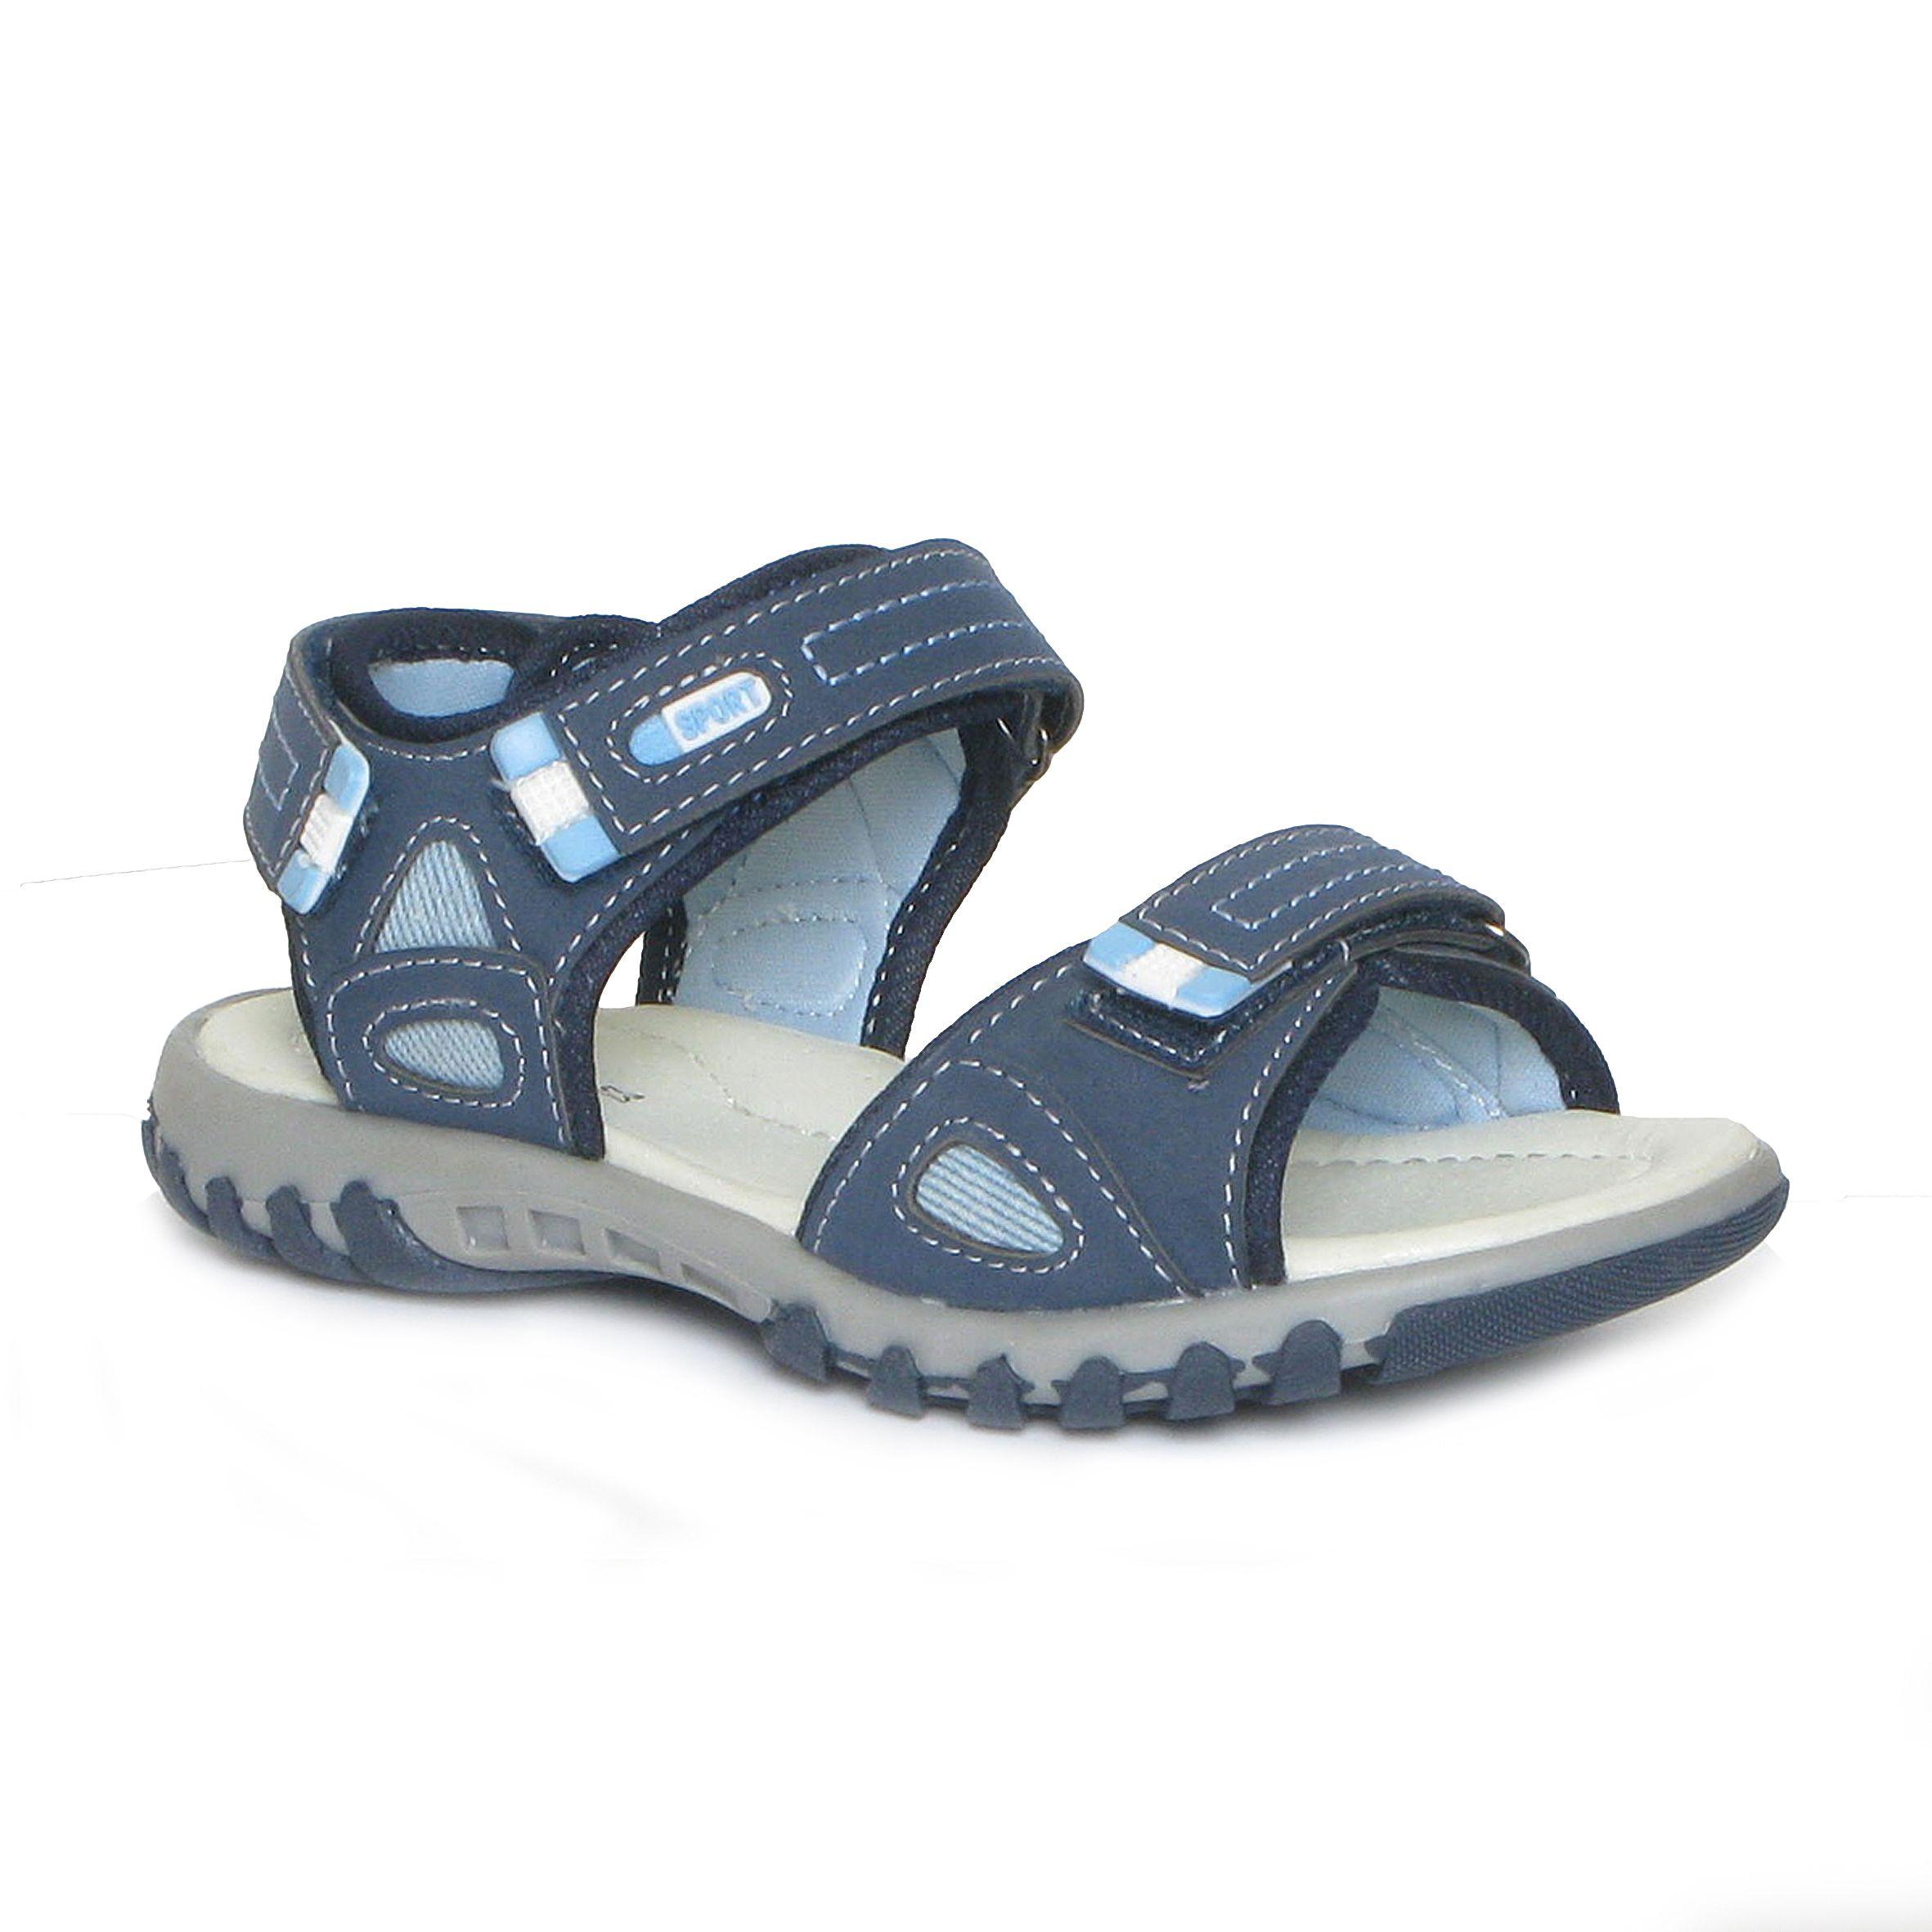 Boys canvas shoes, Trendy sandals